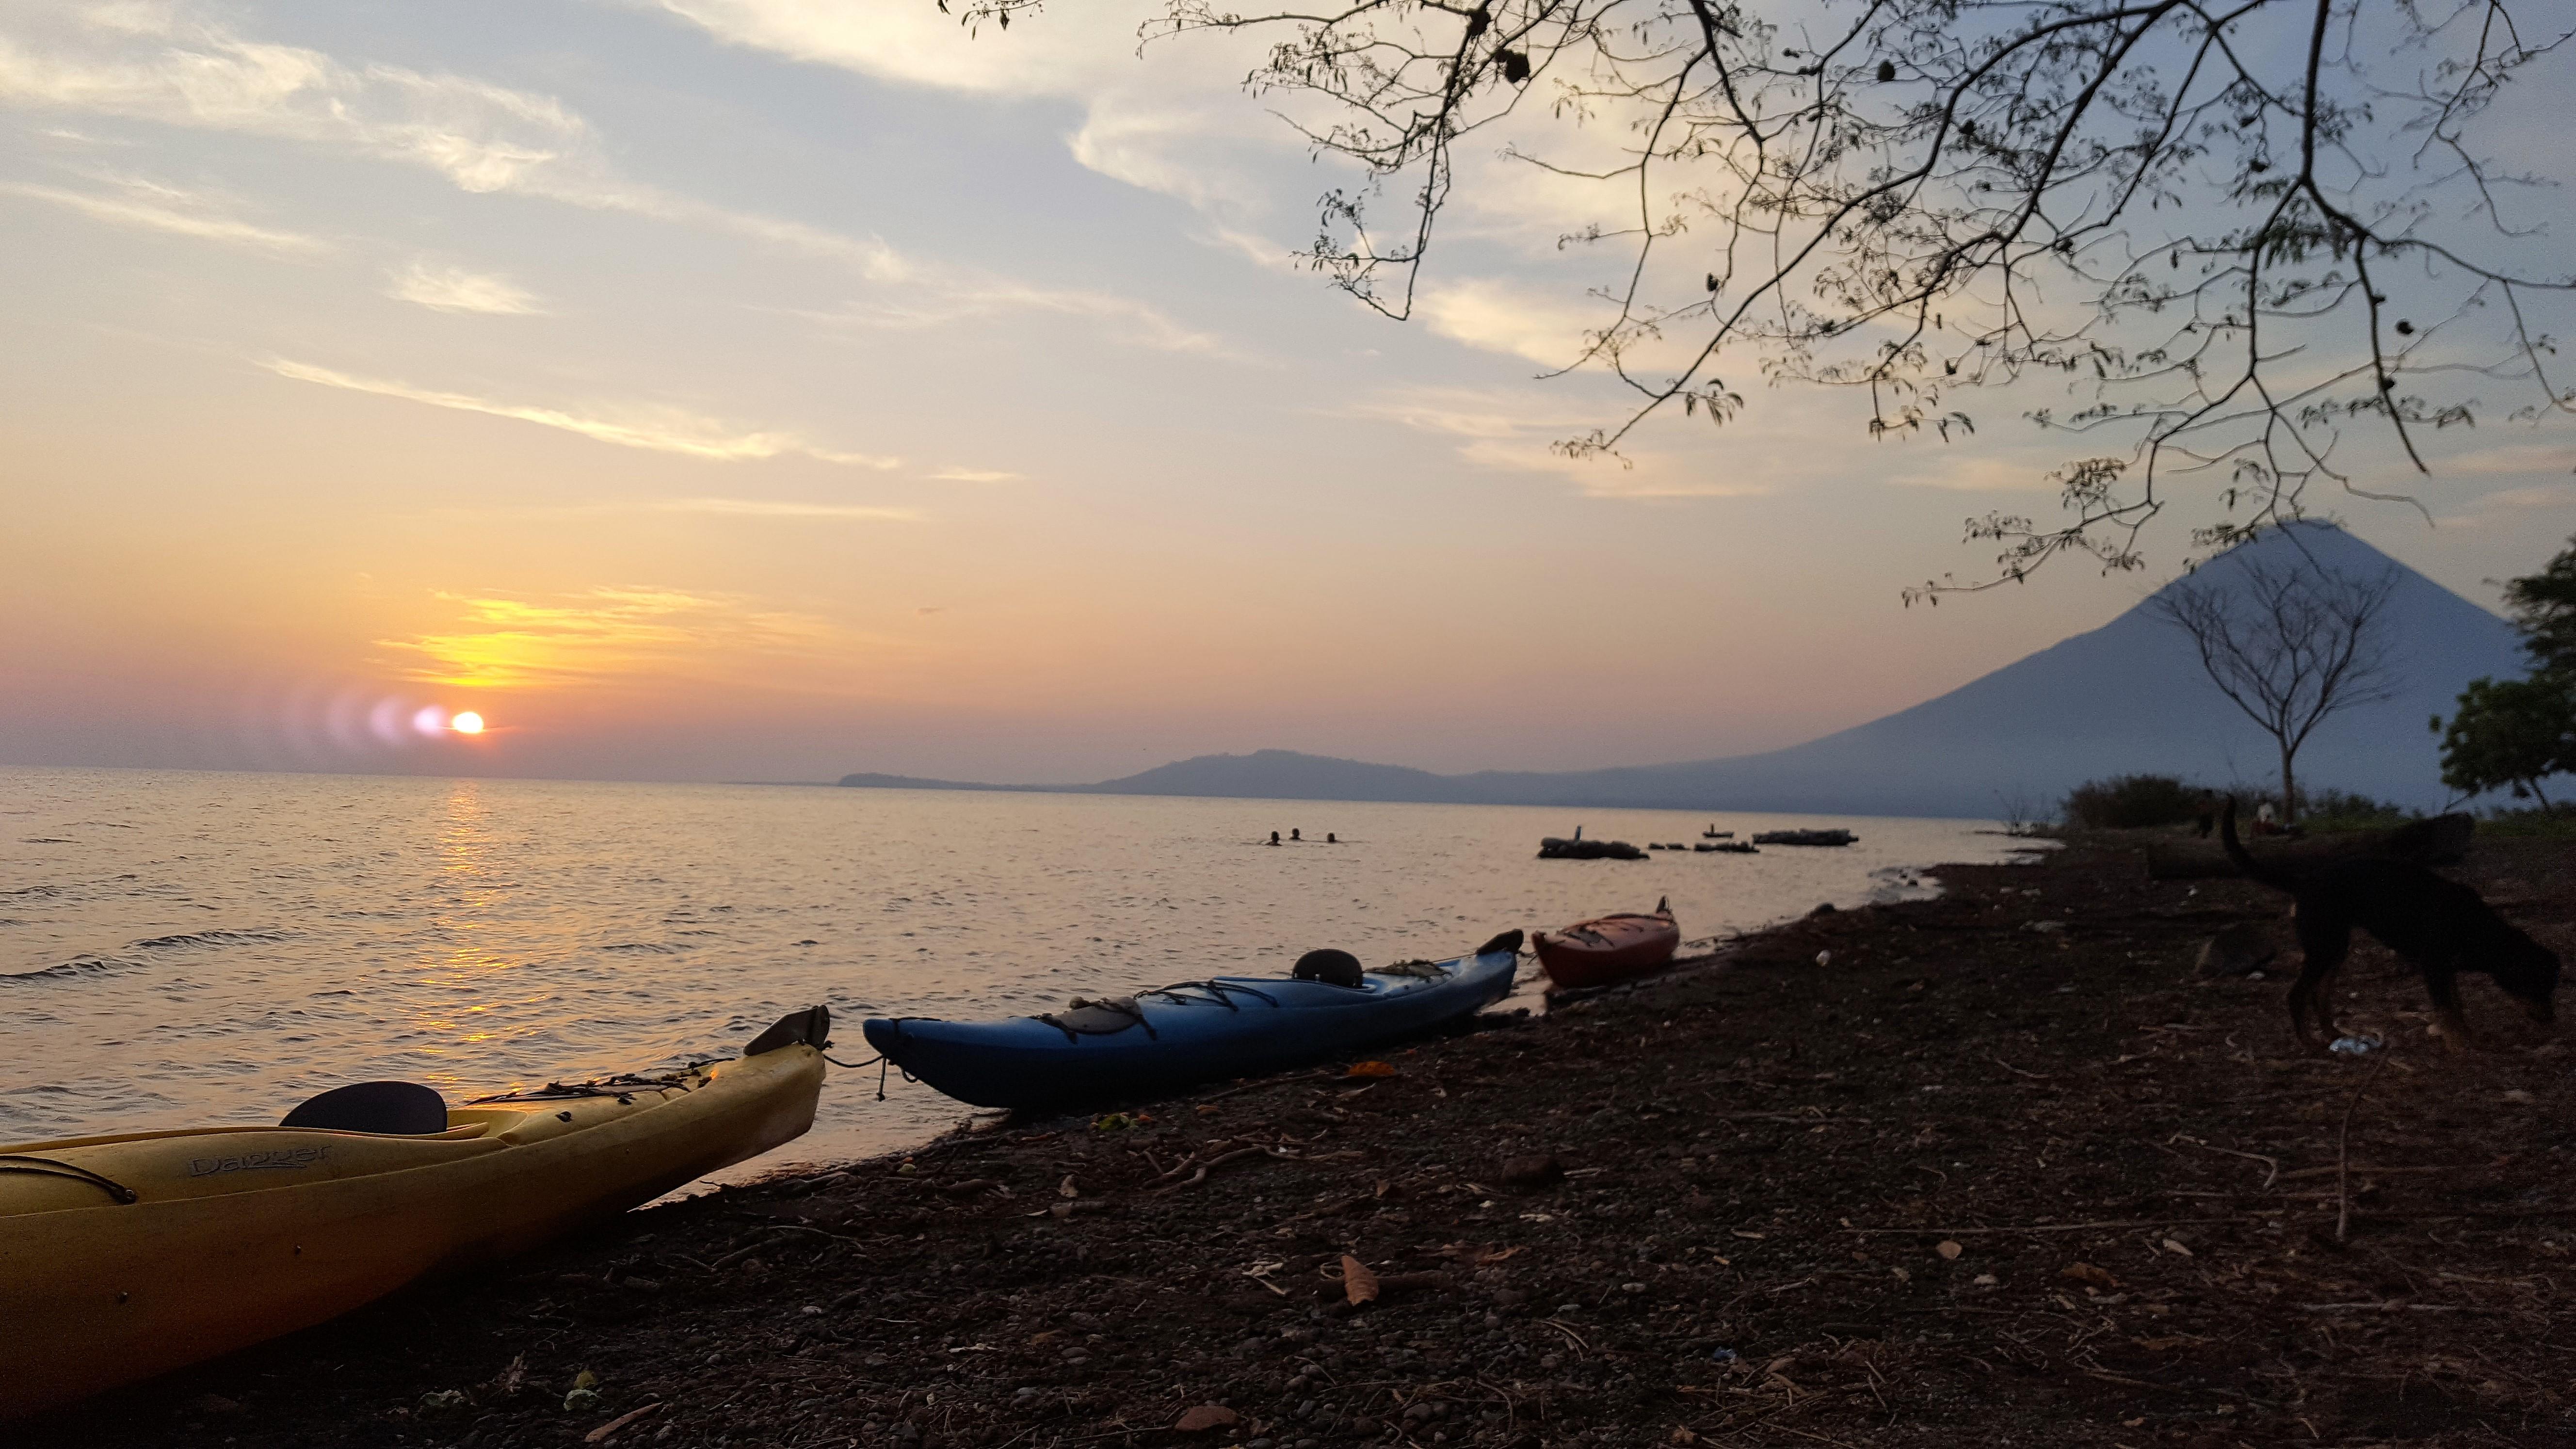 Kayak during sunset